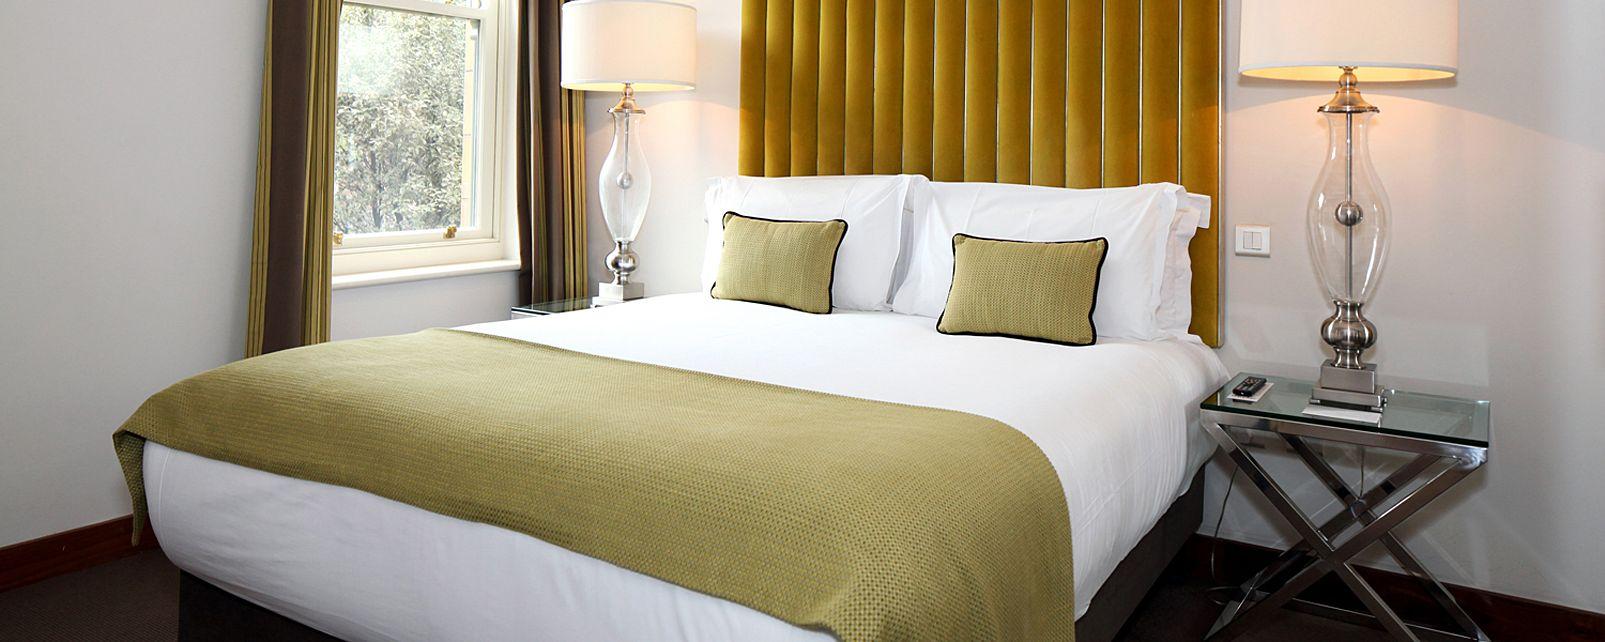 Hôtel Dylan Hotel